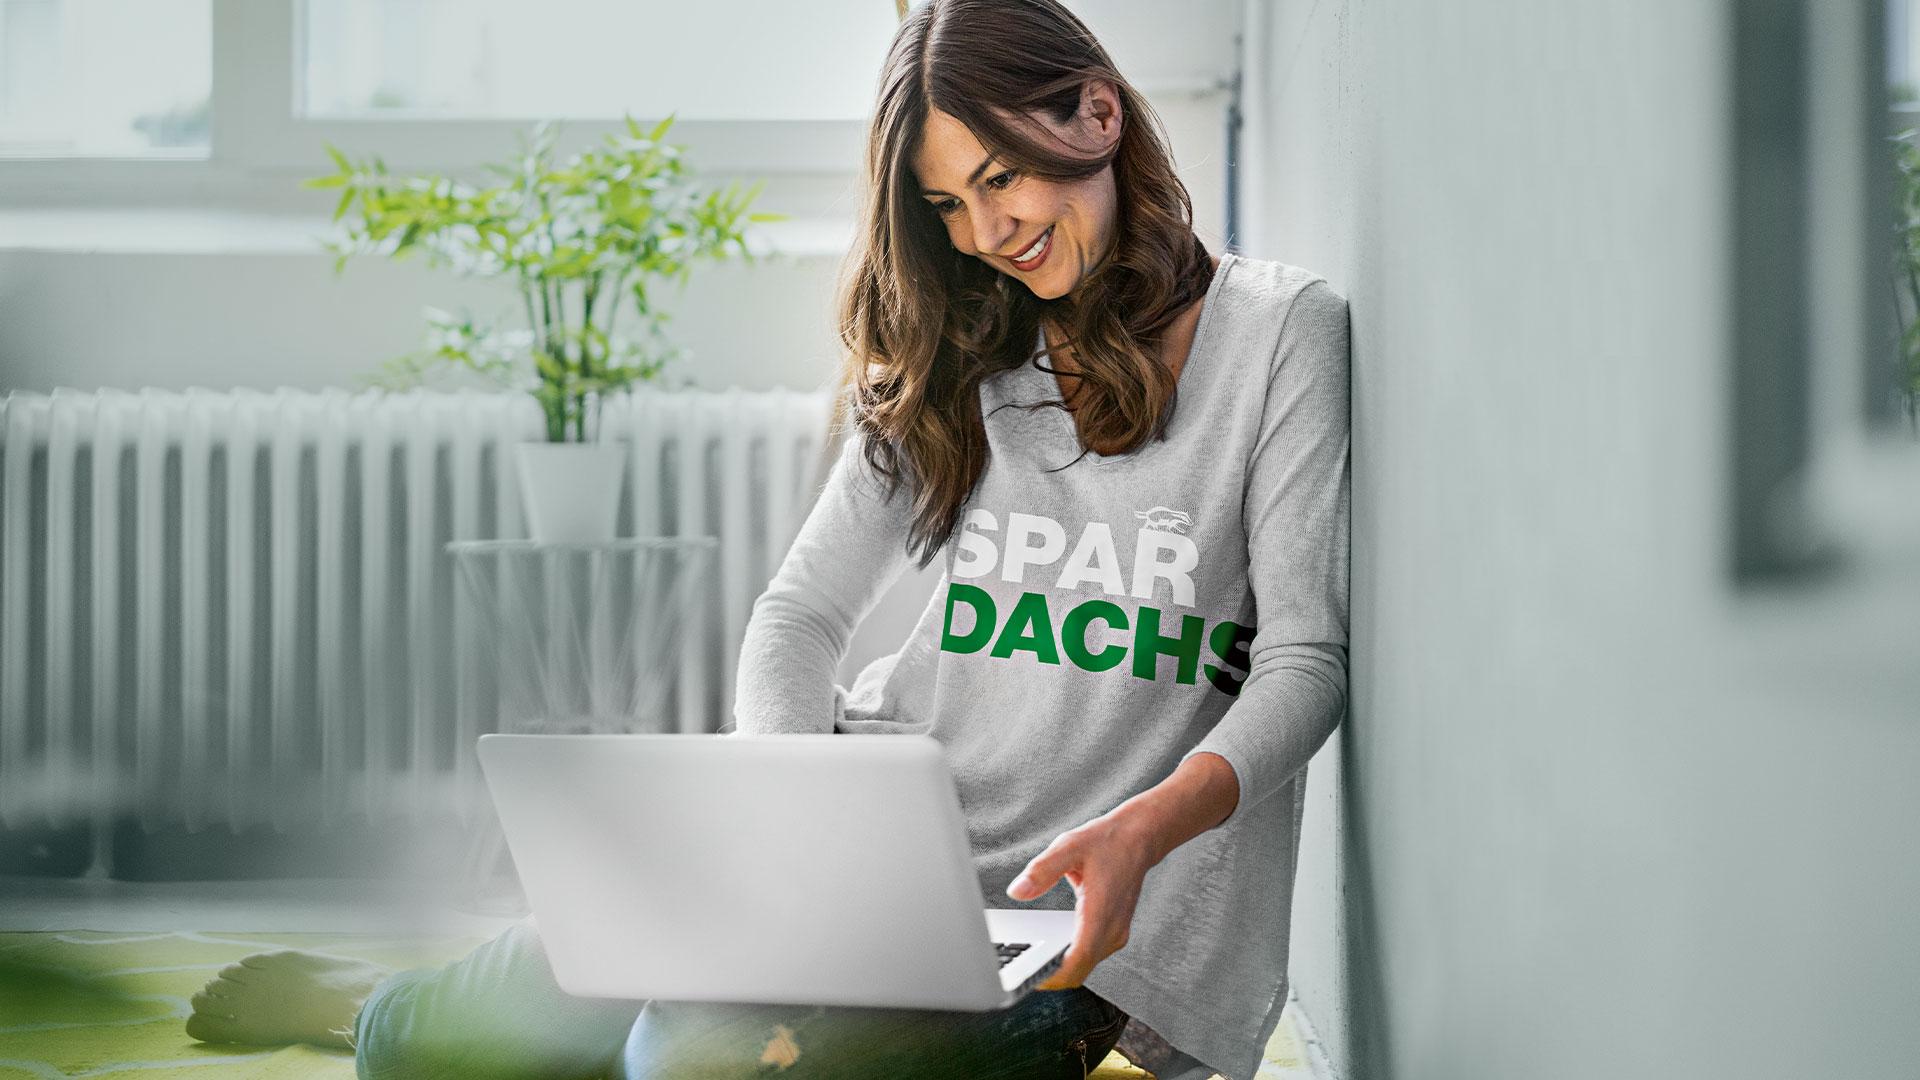 """Eine Frau sitzt mit ihrem Laptop auf dem Boden und trägt ein Oberteil mit der Aufschrift """"Spar Dachs""""."""